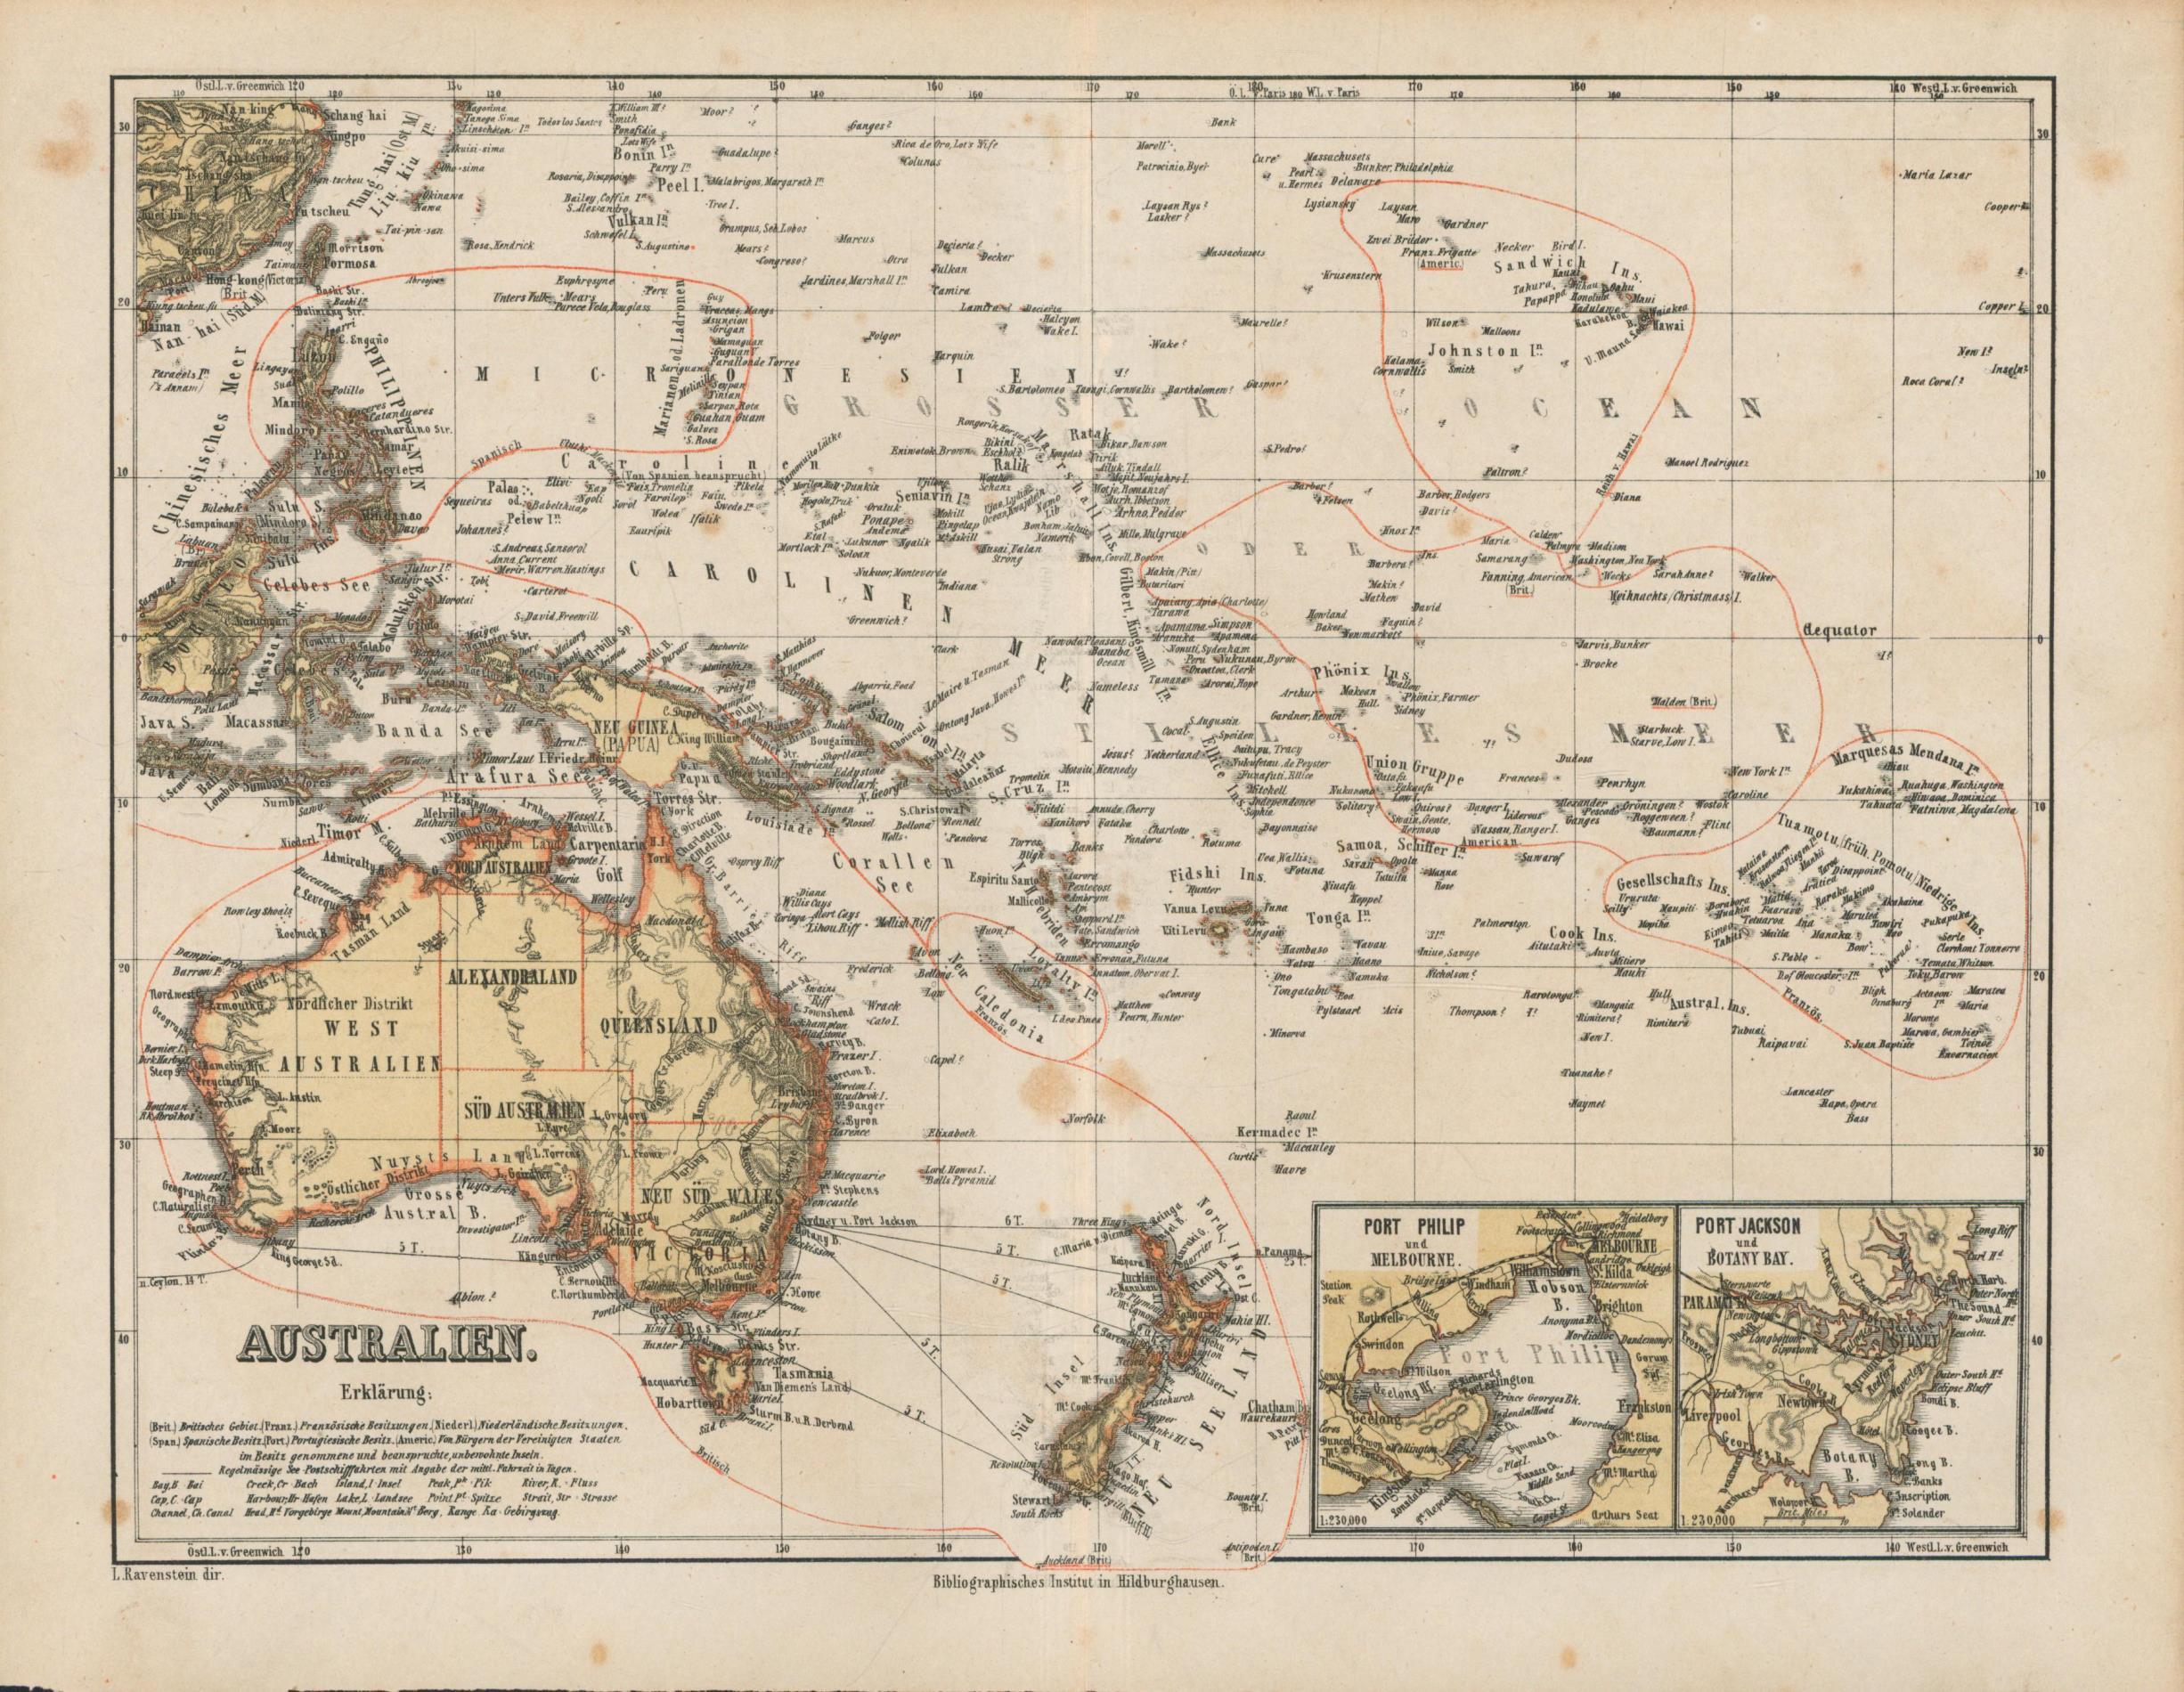 Australien von 1867,Mit Port Philip und Port: Historische Landkarte KEIN